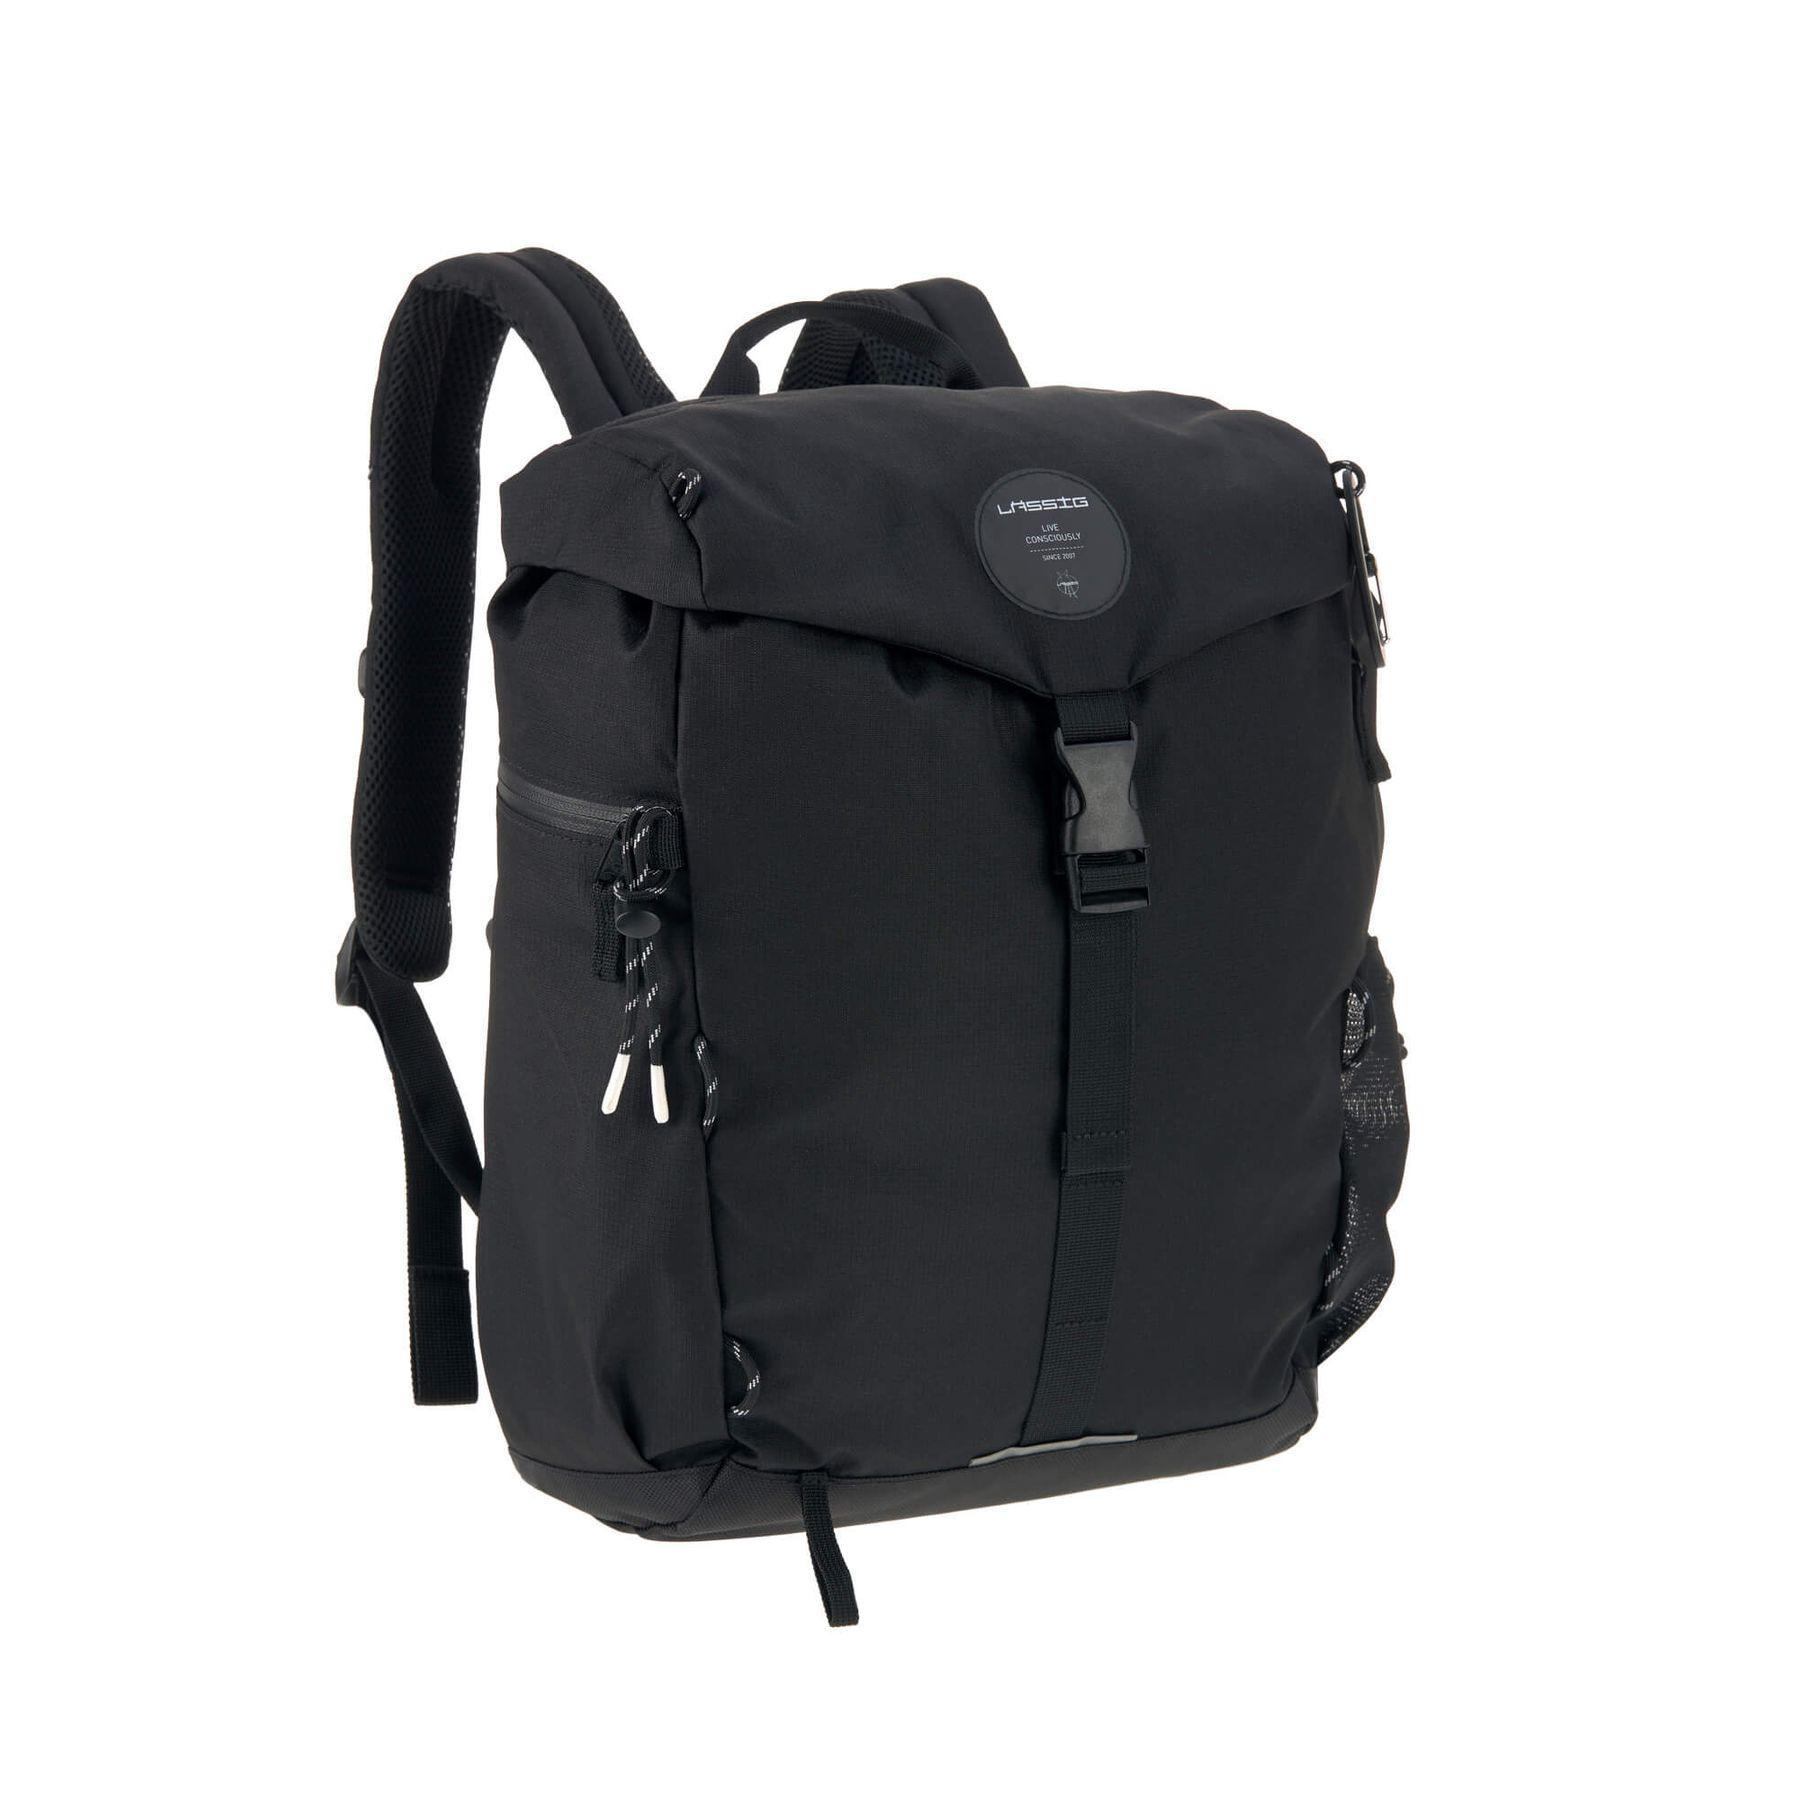 Lässig Wickelrucksack - Outdoor Backpack